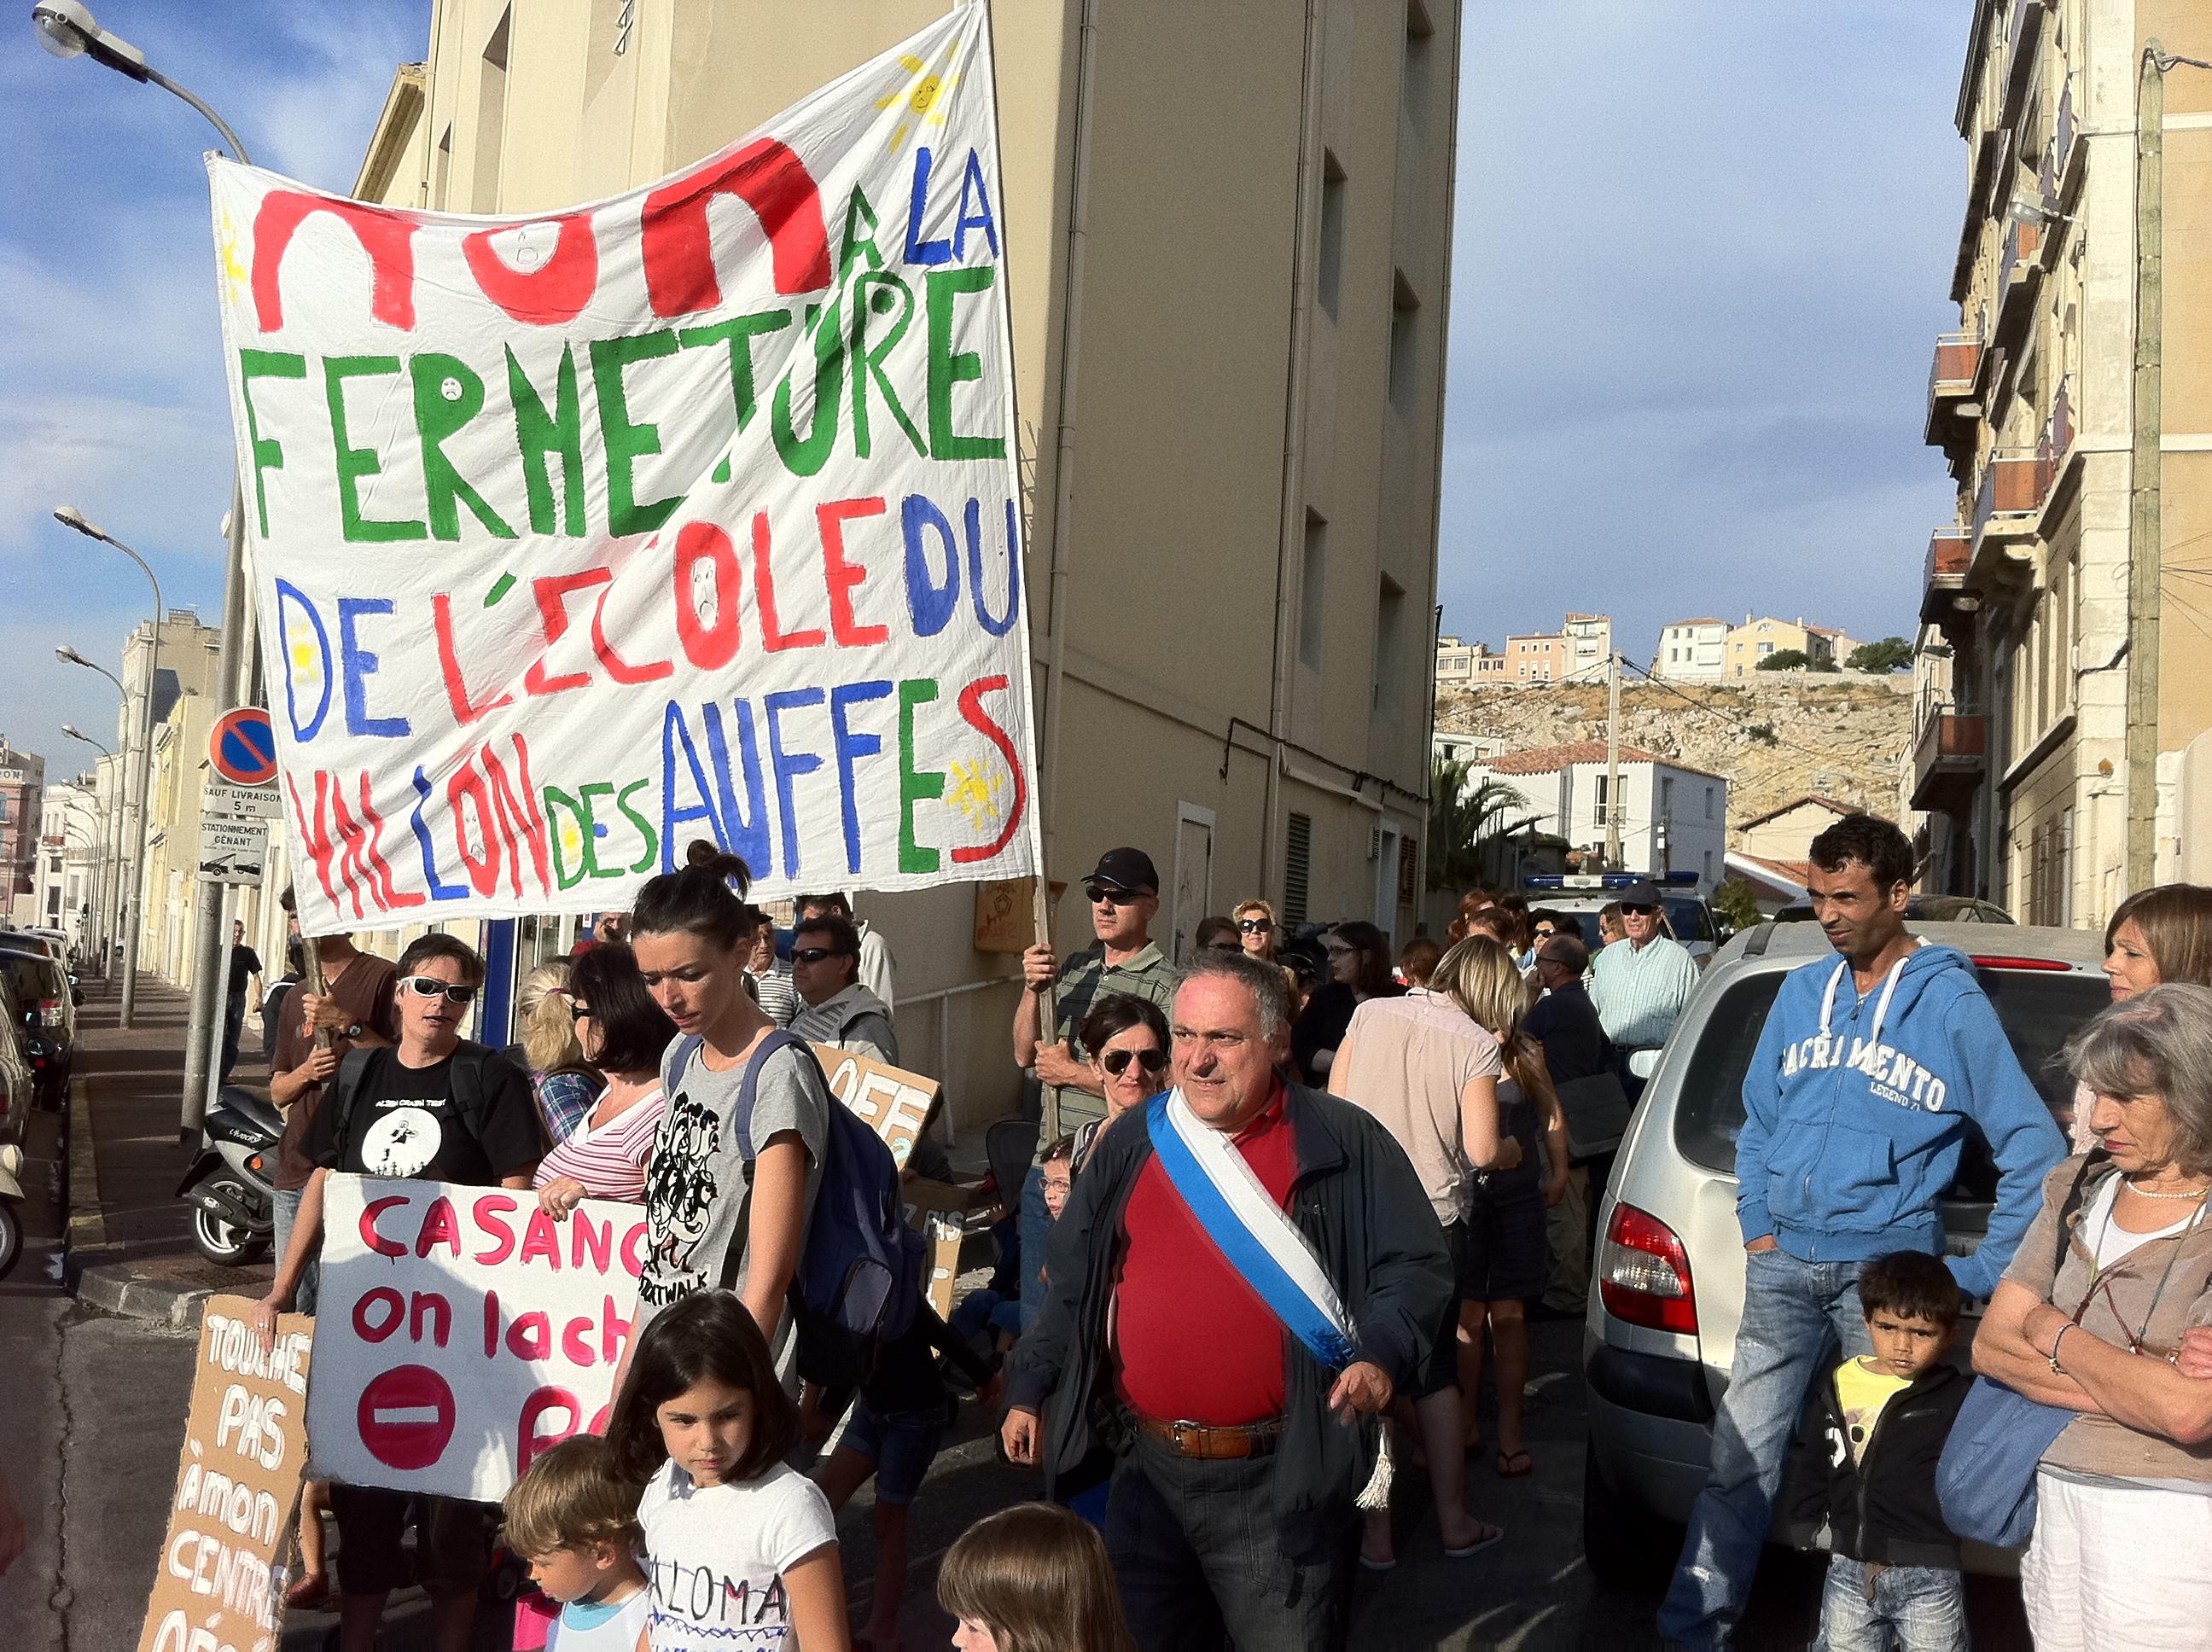 Mercredi 29 juin : Les parents d'élèves du Vallon des Auffes ont assigné la Ville de Marseille au Tribunal !